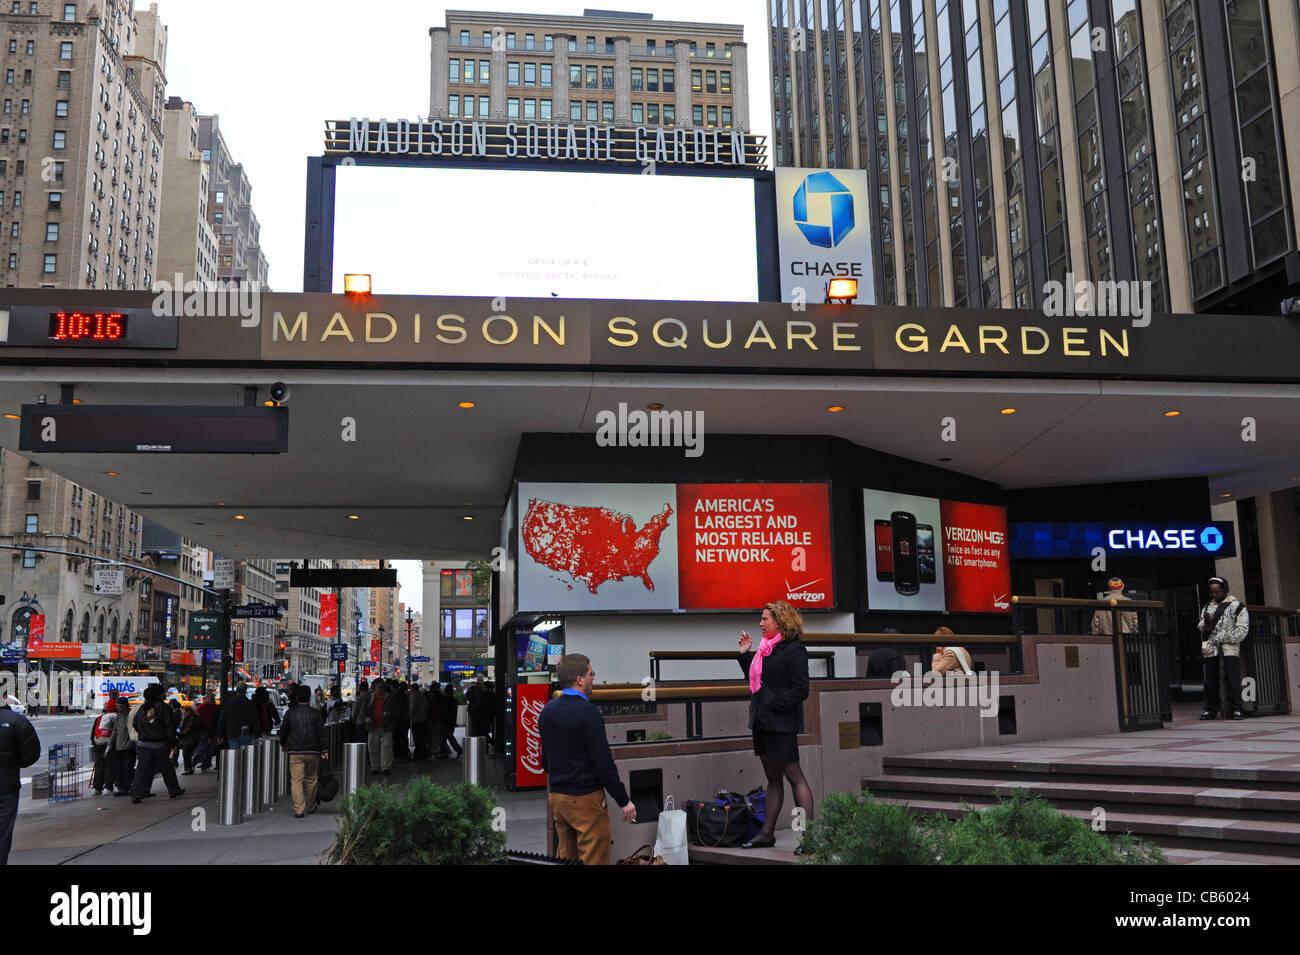 Madison Square Garden Exterior Stock Photos Madison Square Garden Exterior Stock Images Alamy